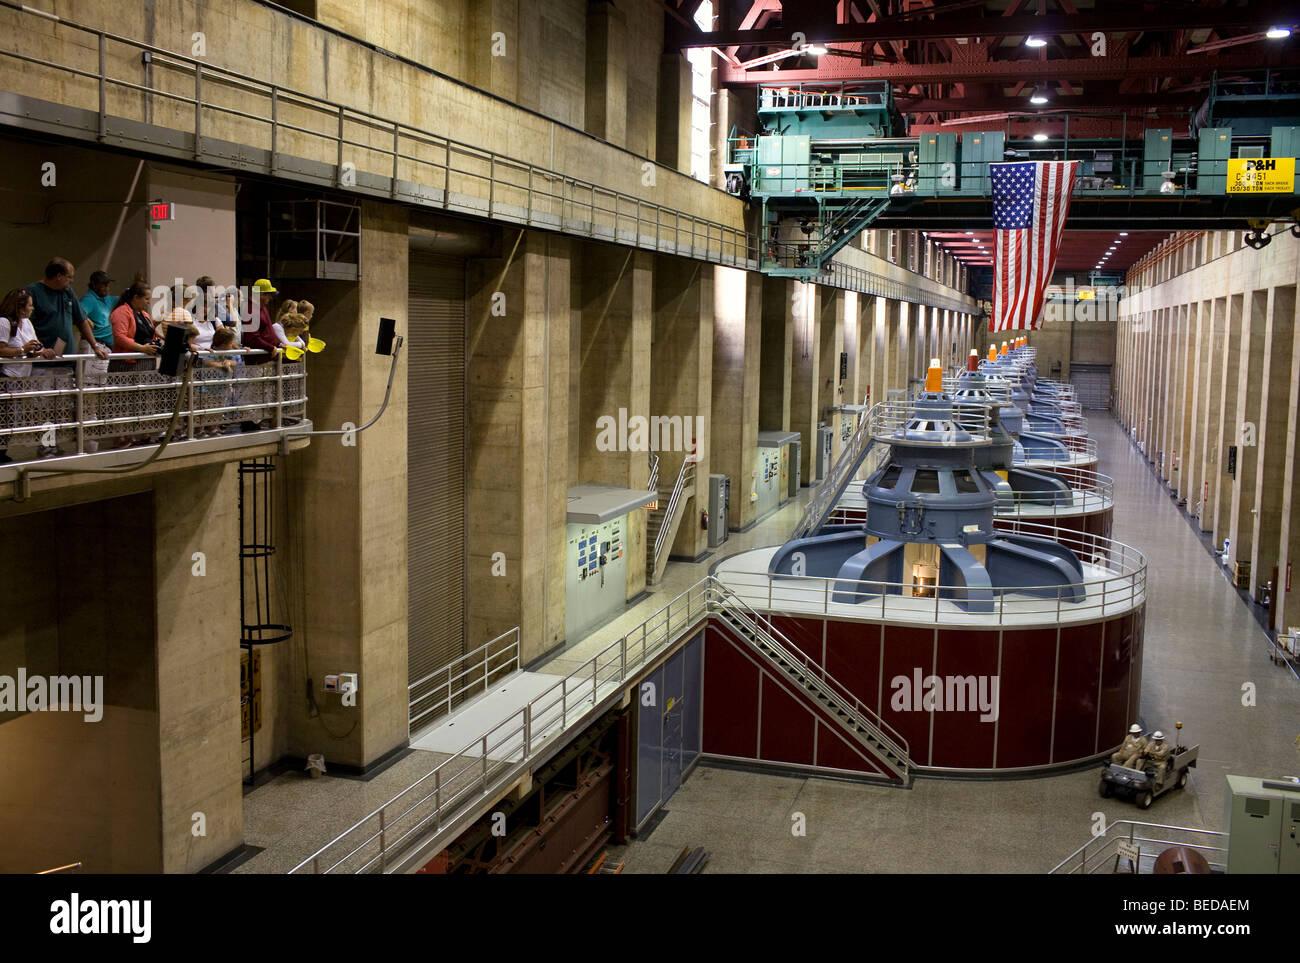 Besucher sehen Hoover Dam oberen Generatorraum während der Einnahme einer Führungen durch die Struktur Stockbild